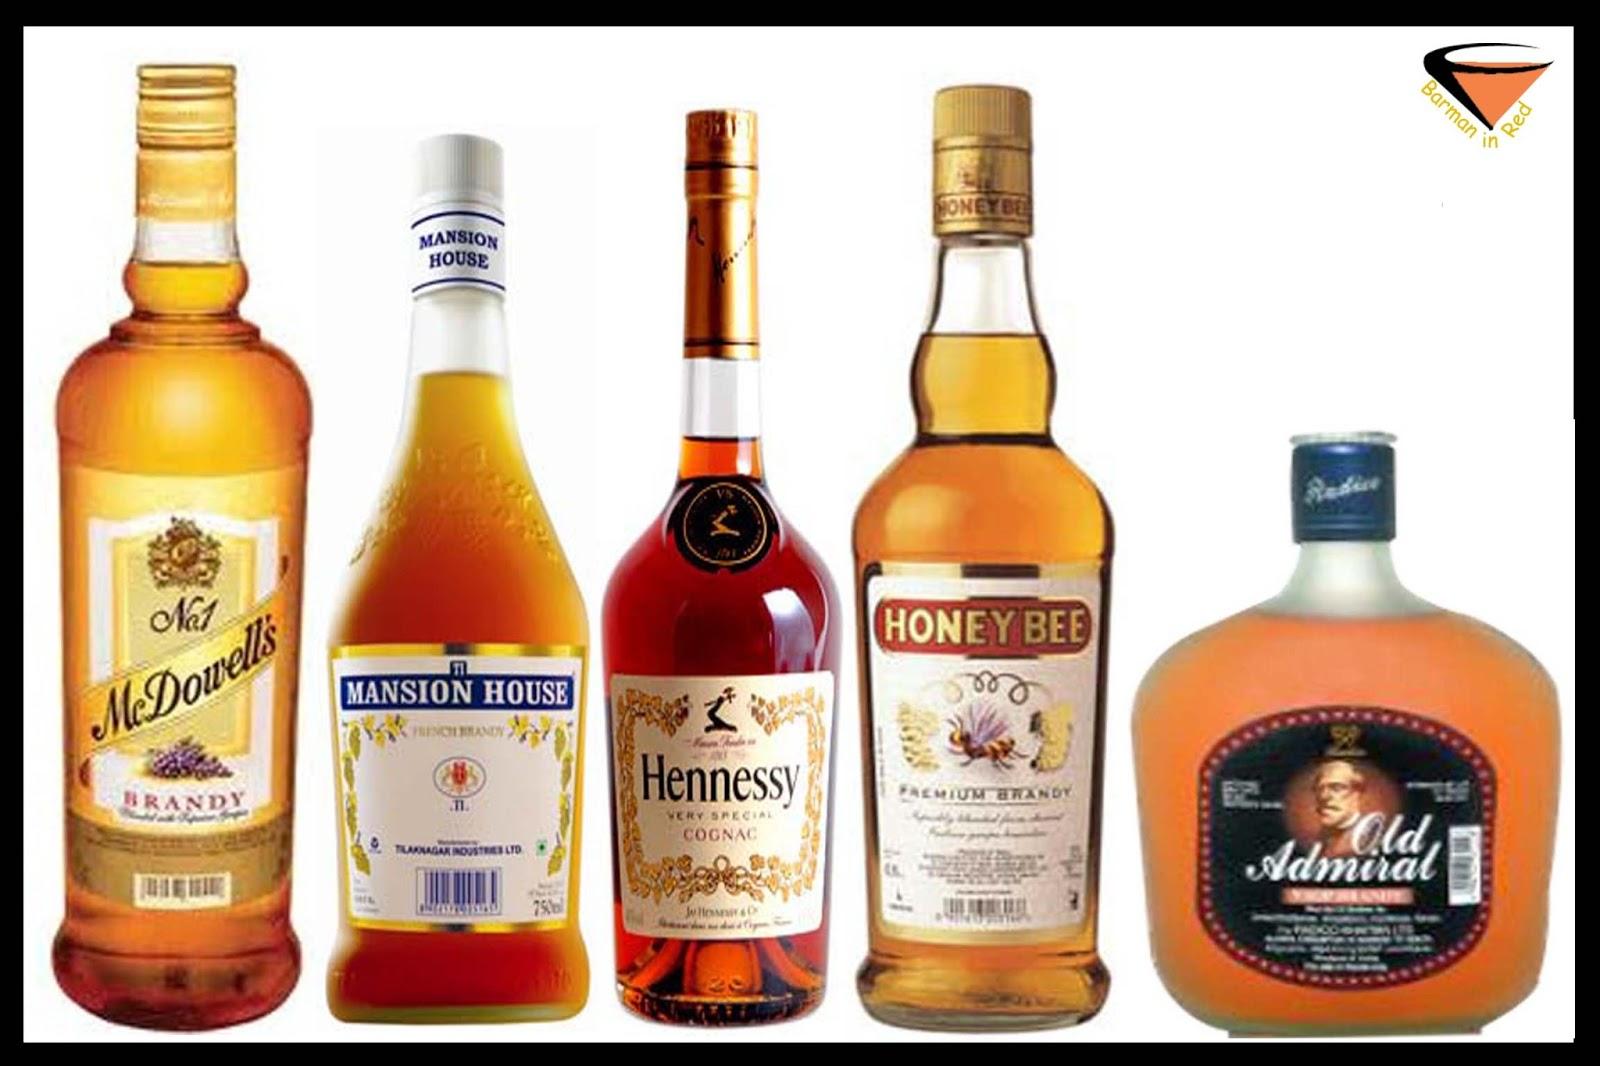 Que cognac es mejor